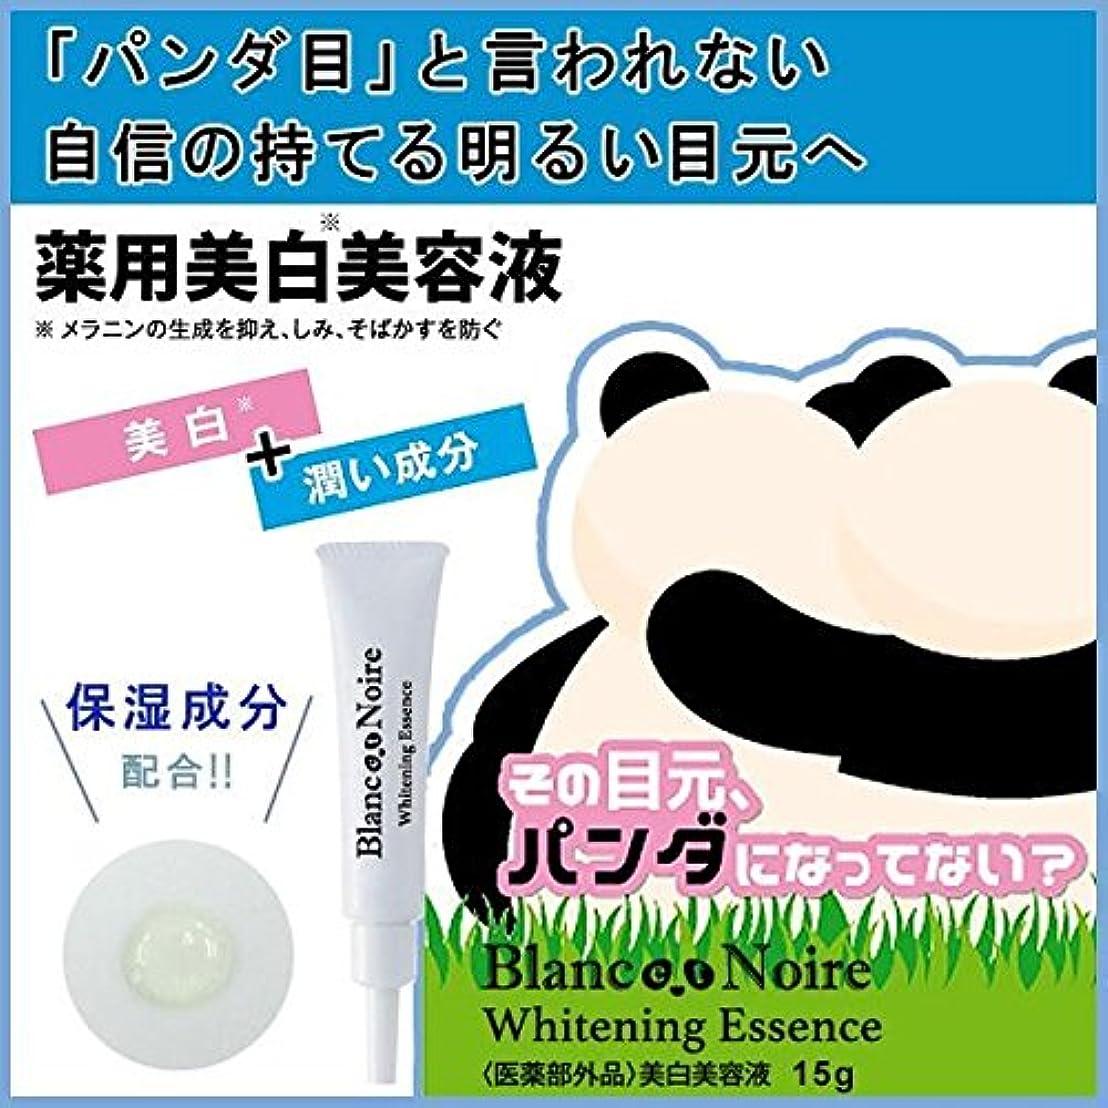 リッチ実現可能性四半期Blanc et Noire(ブラン エ ノアール) Whitening Essence(ホワイトニングエッセンス) 美白美容液 医薬部外品 15mL